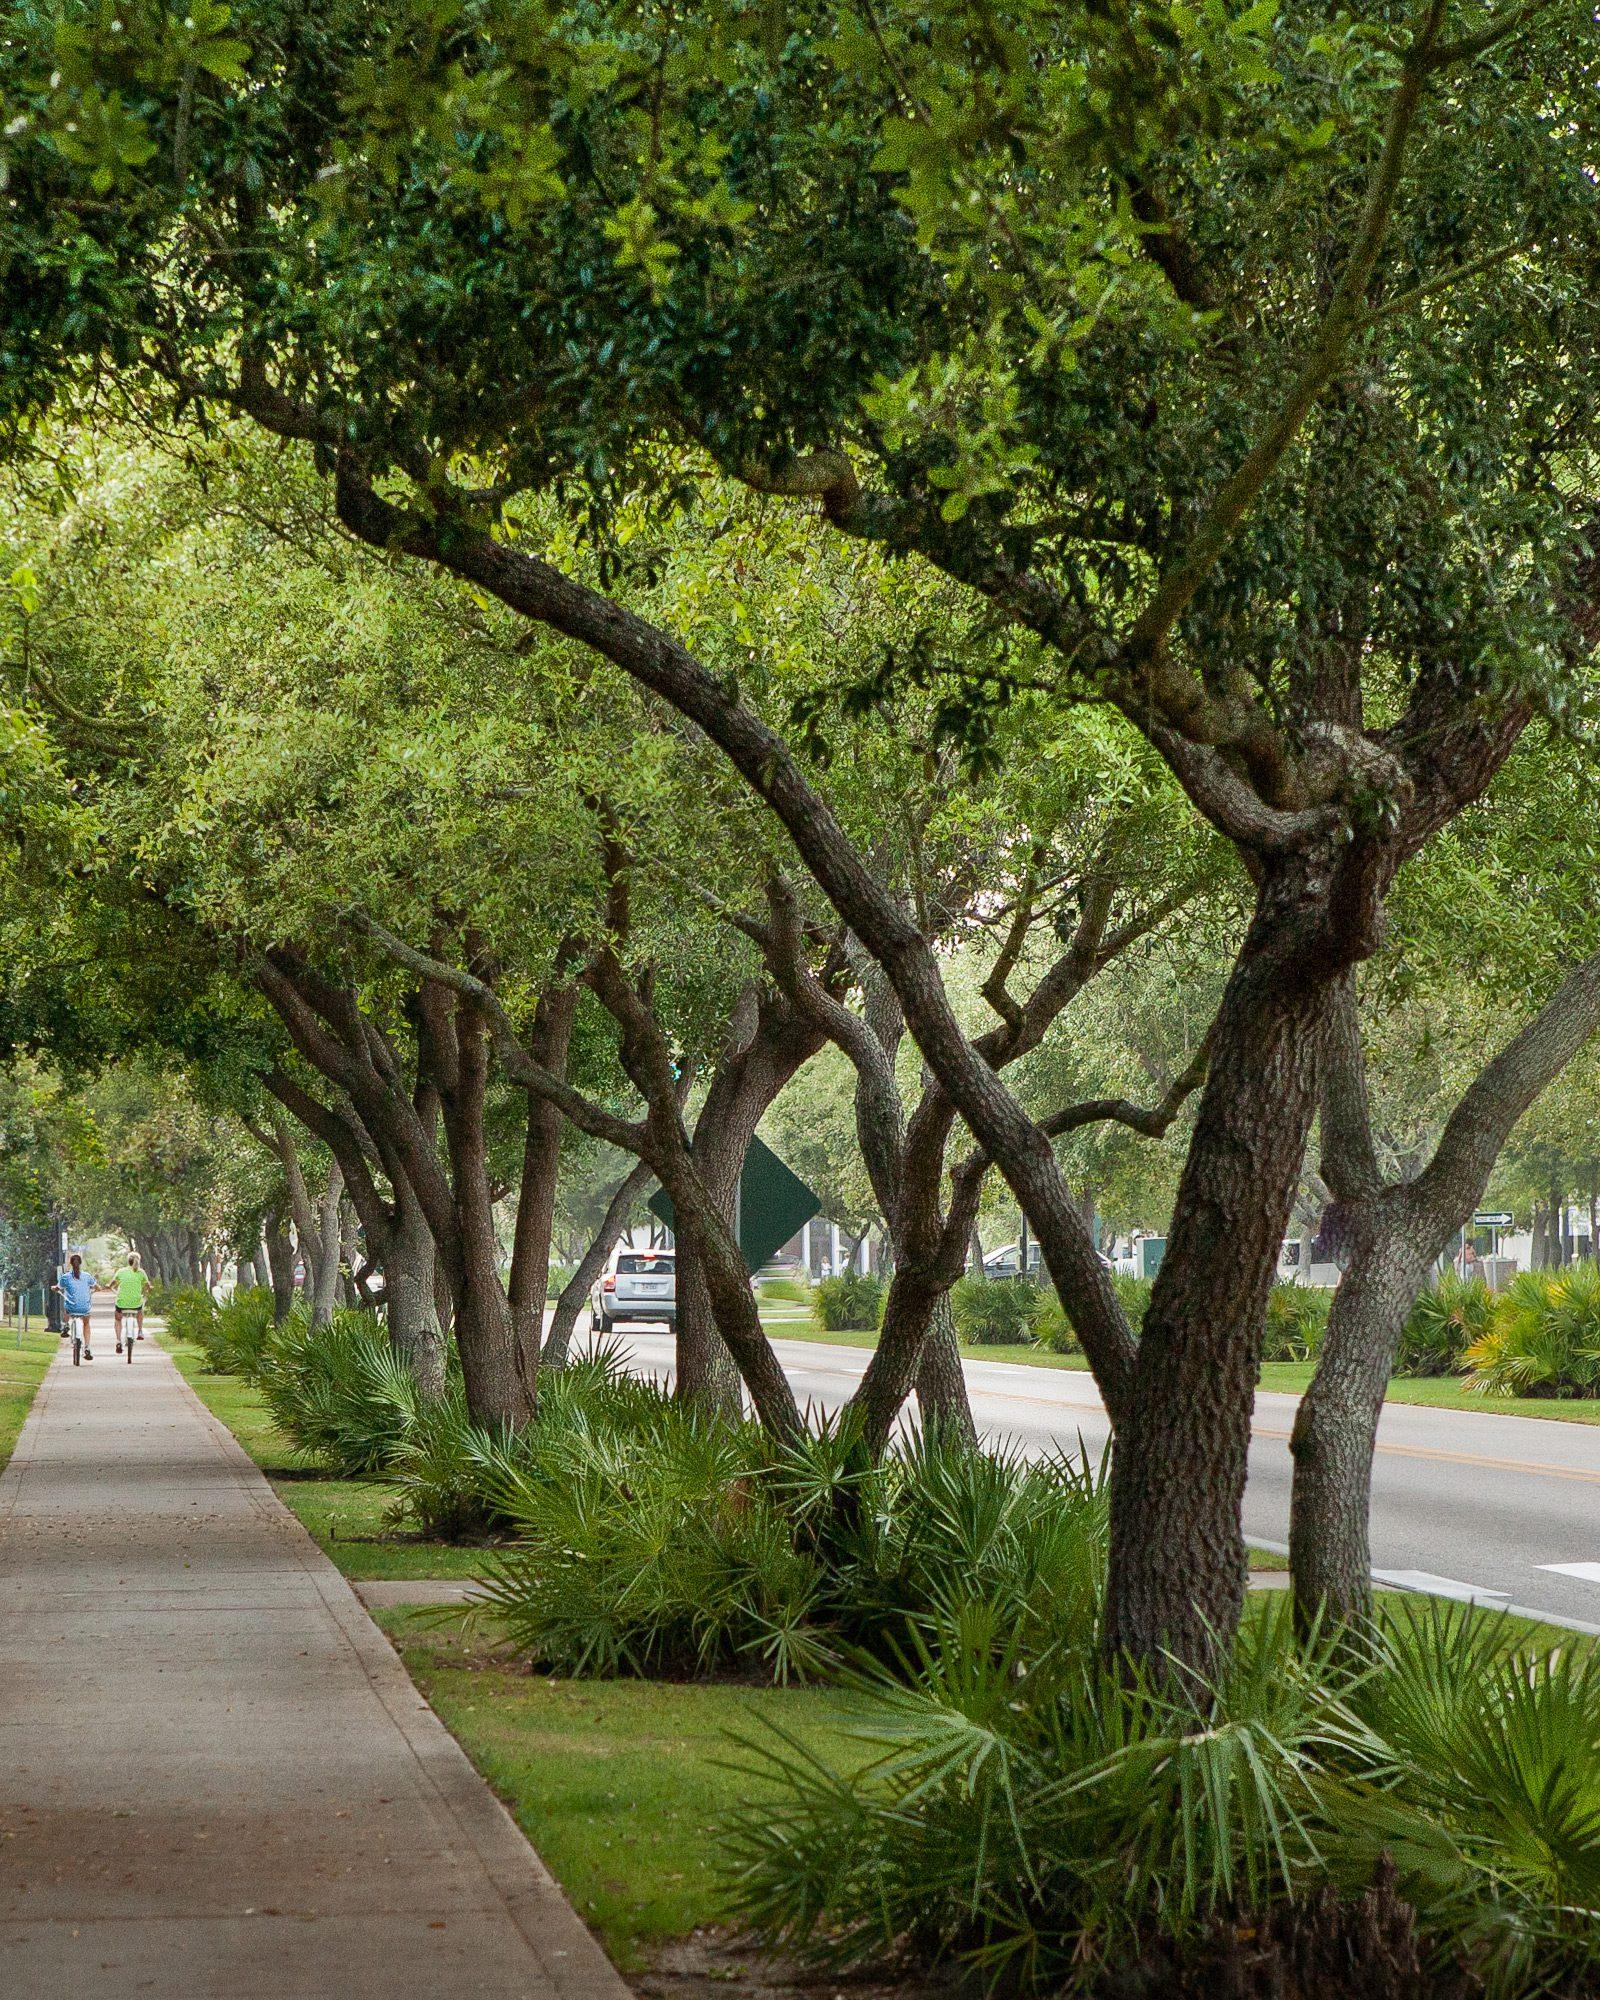 Rosemary Beach, Santa Rosa Beach, FL